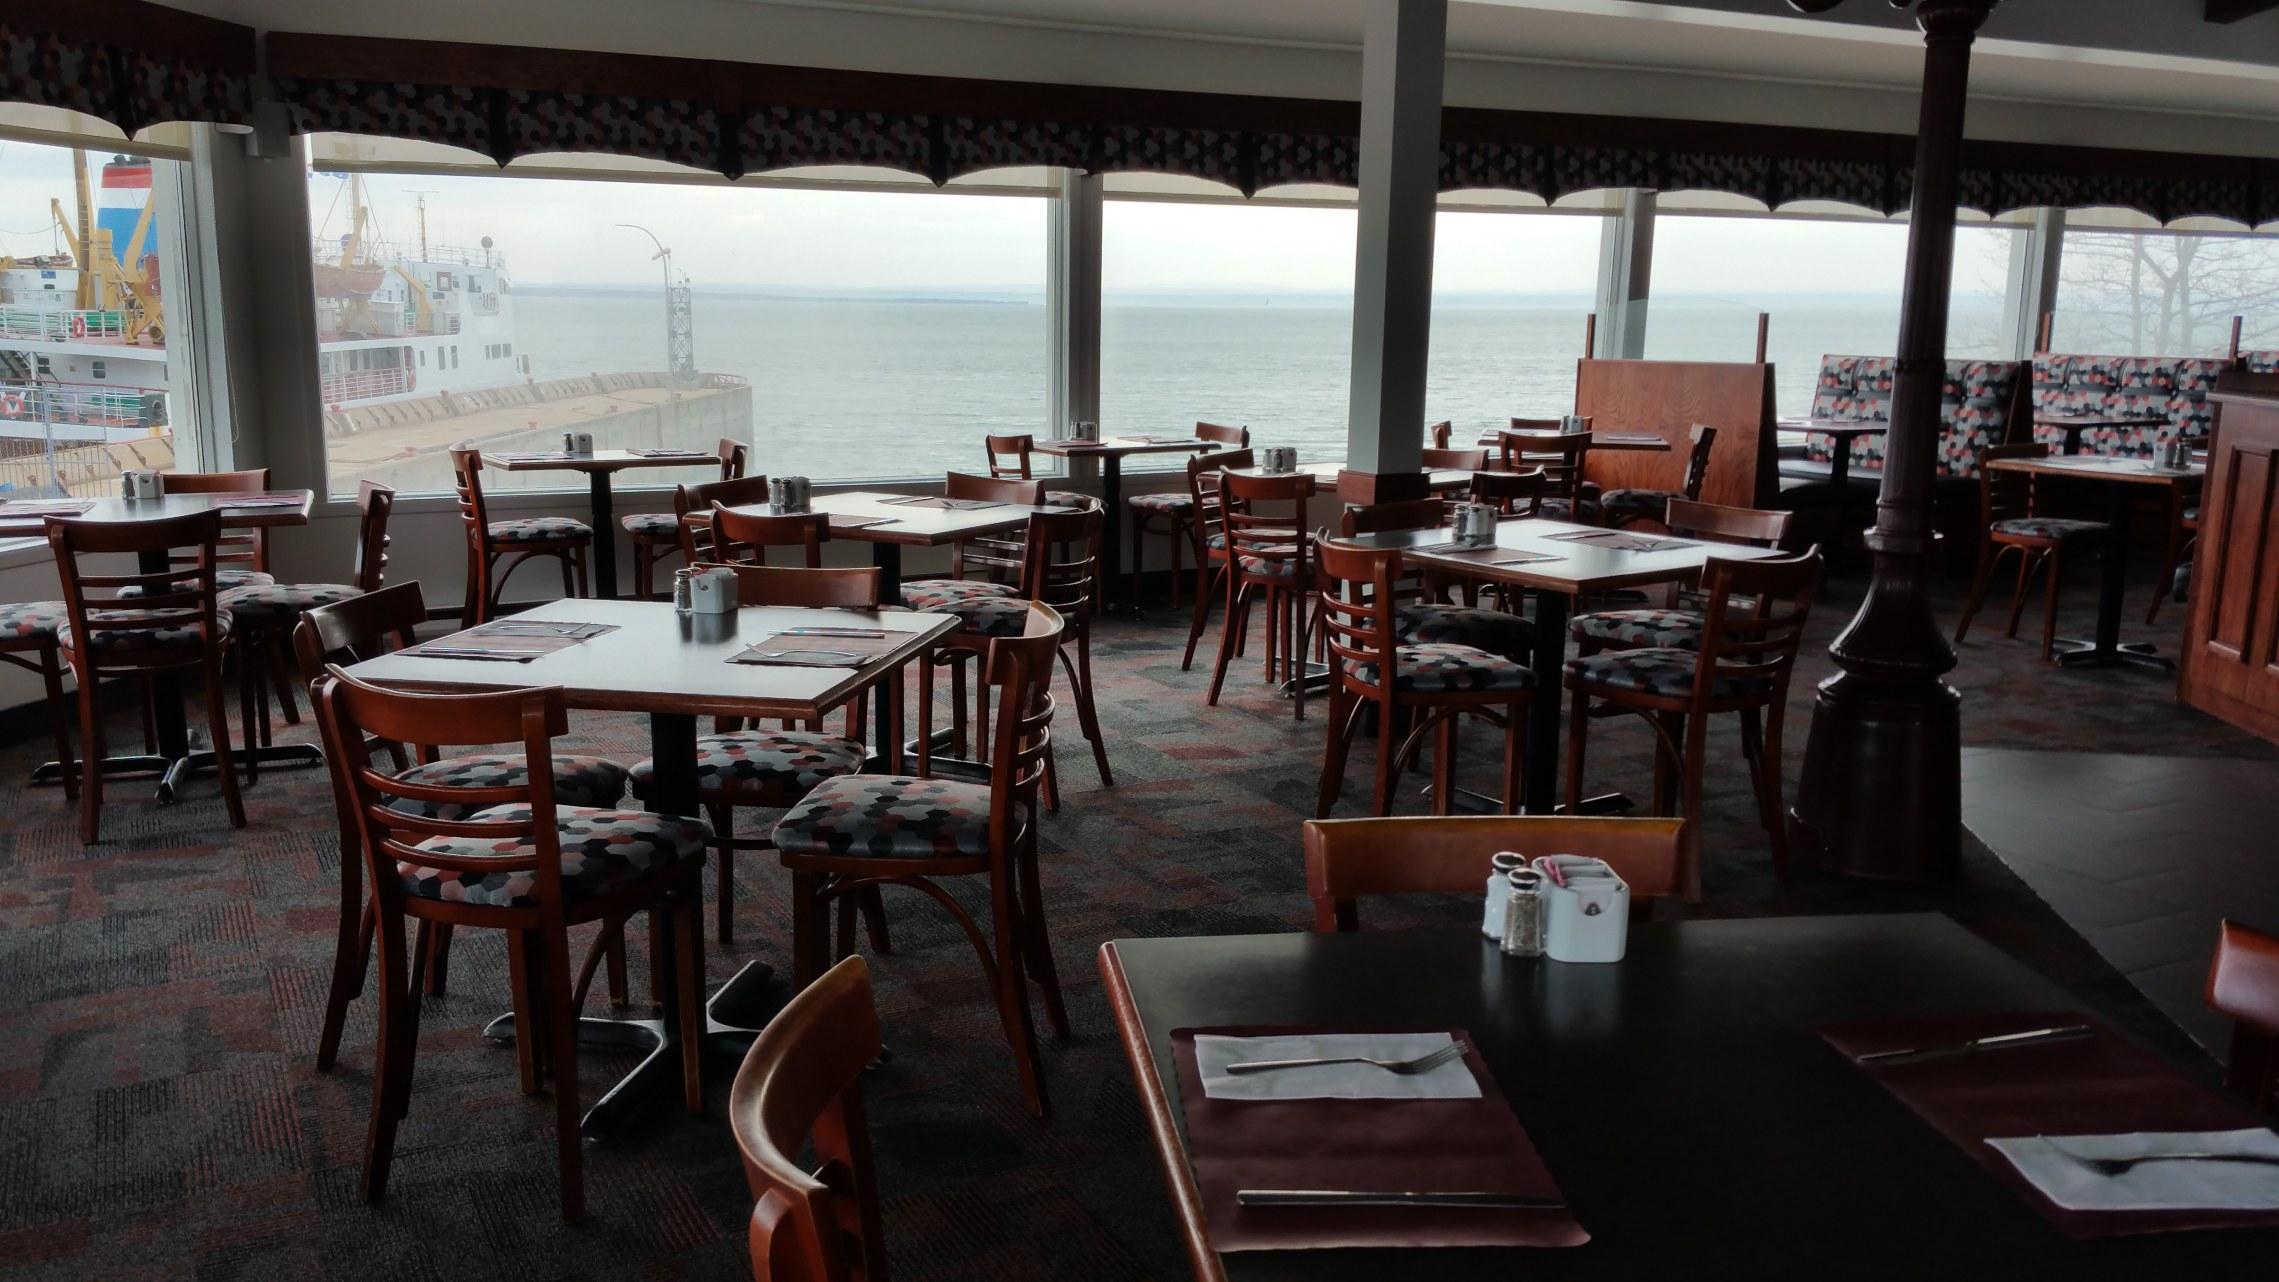 traversier-restaurant-auberge-sur-mer-charlevoix